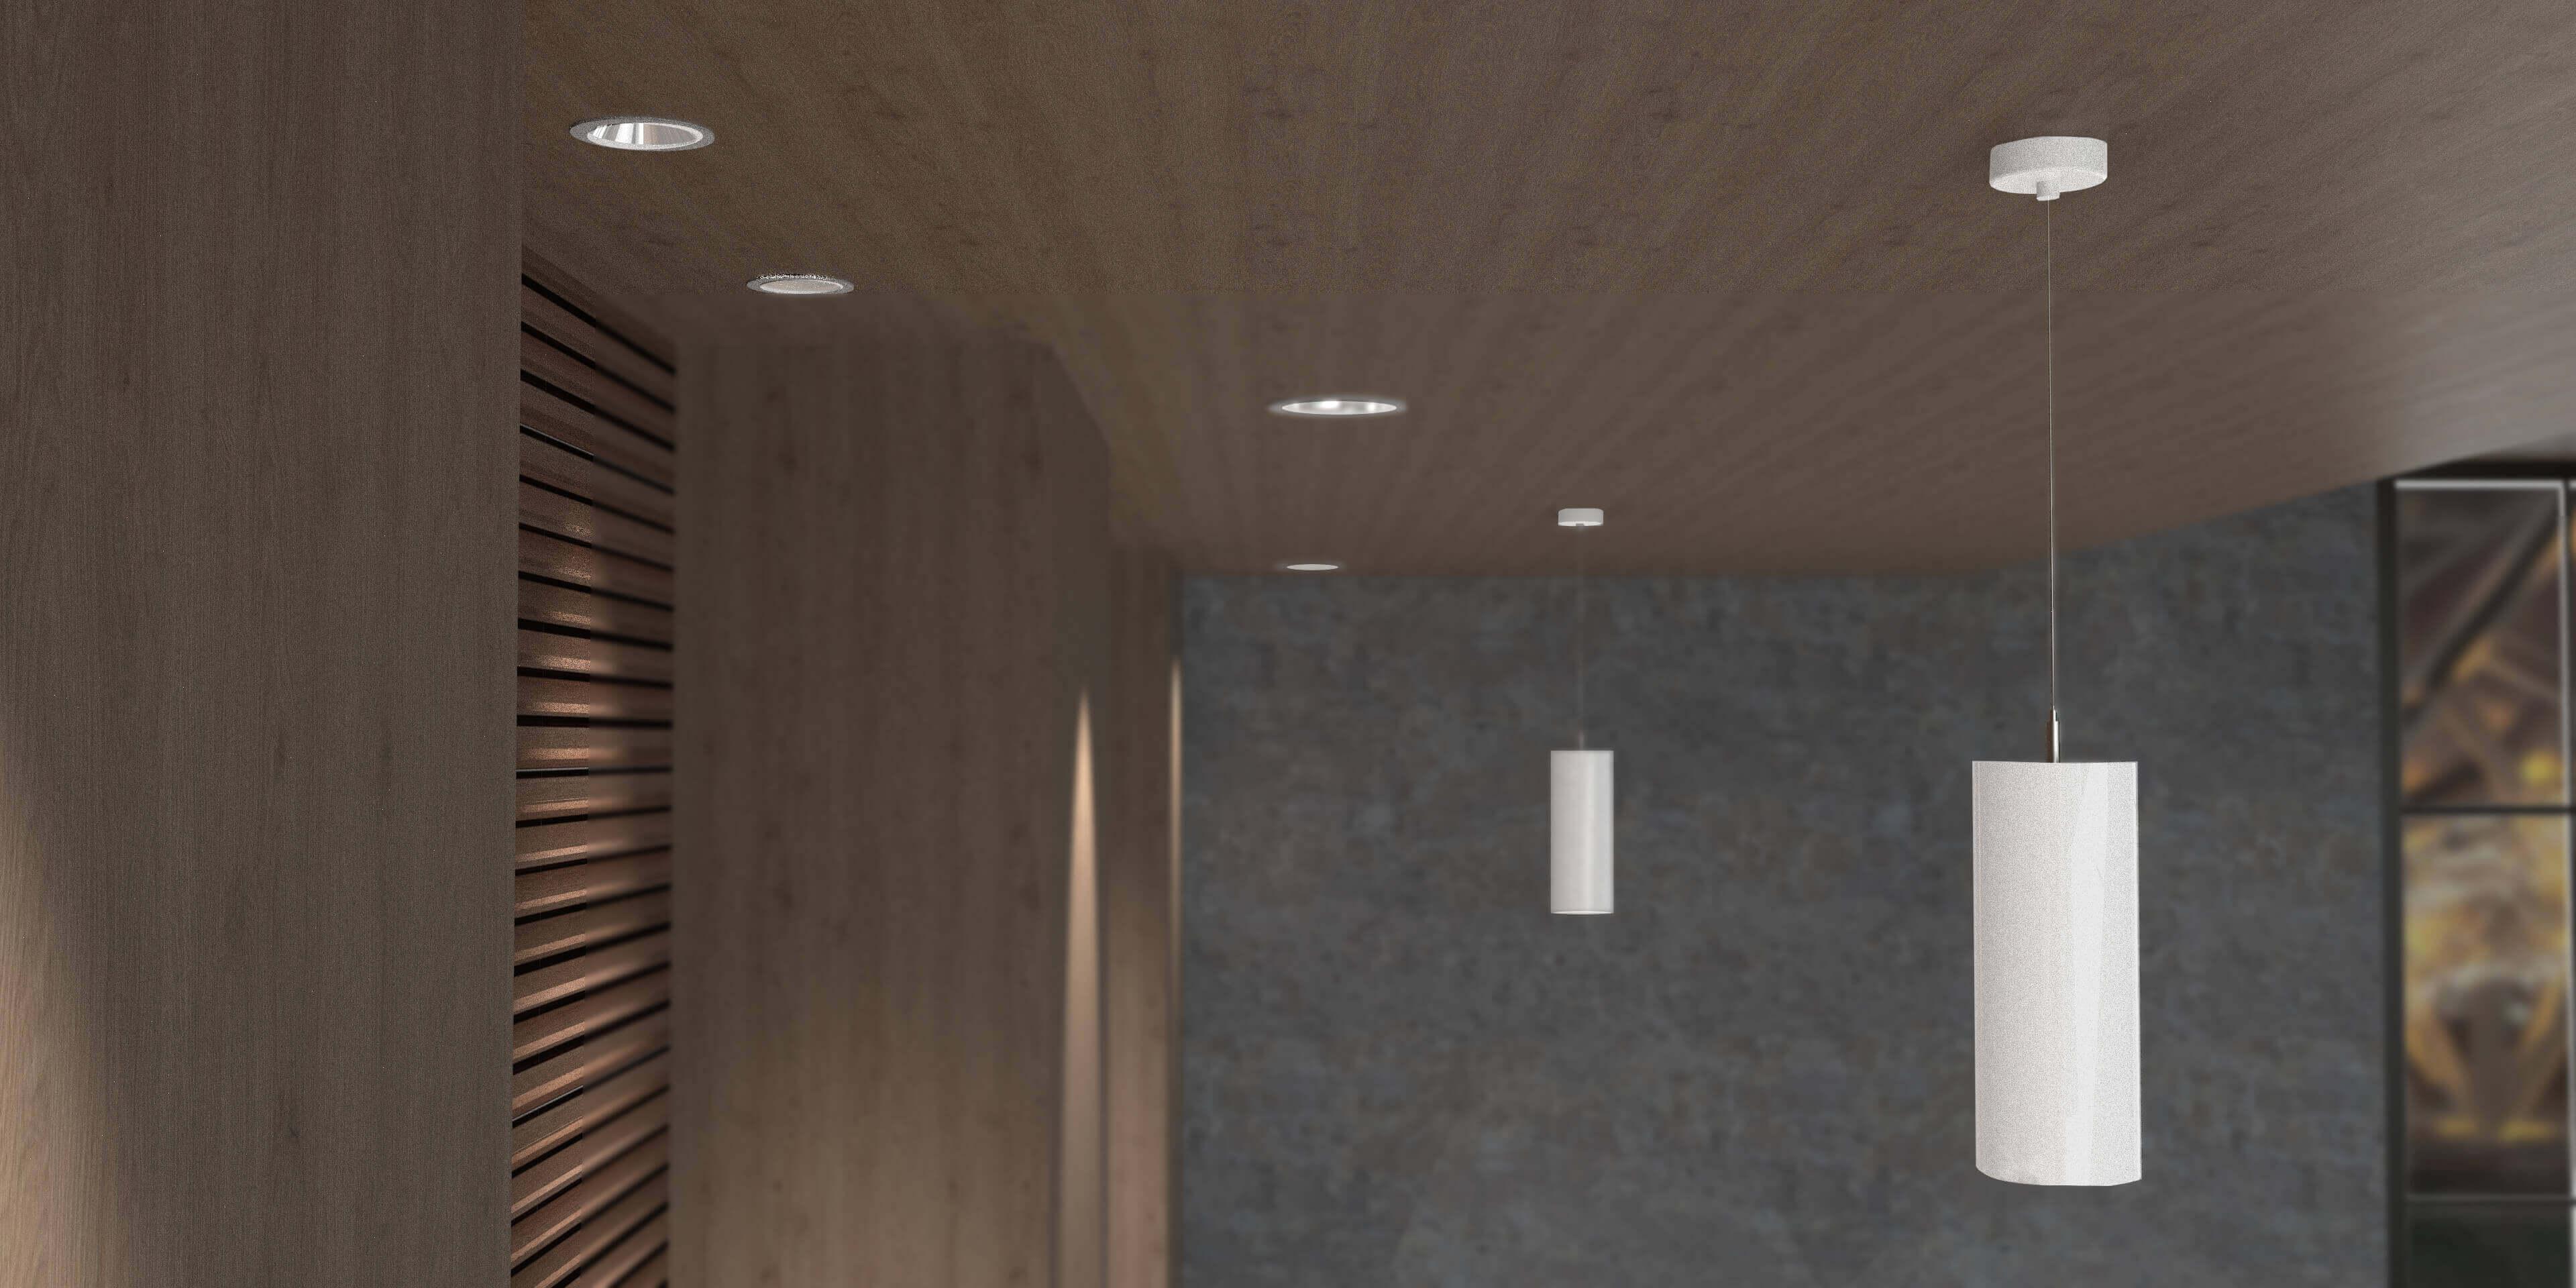 Lámparas para iluminación empotrados en el techo